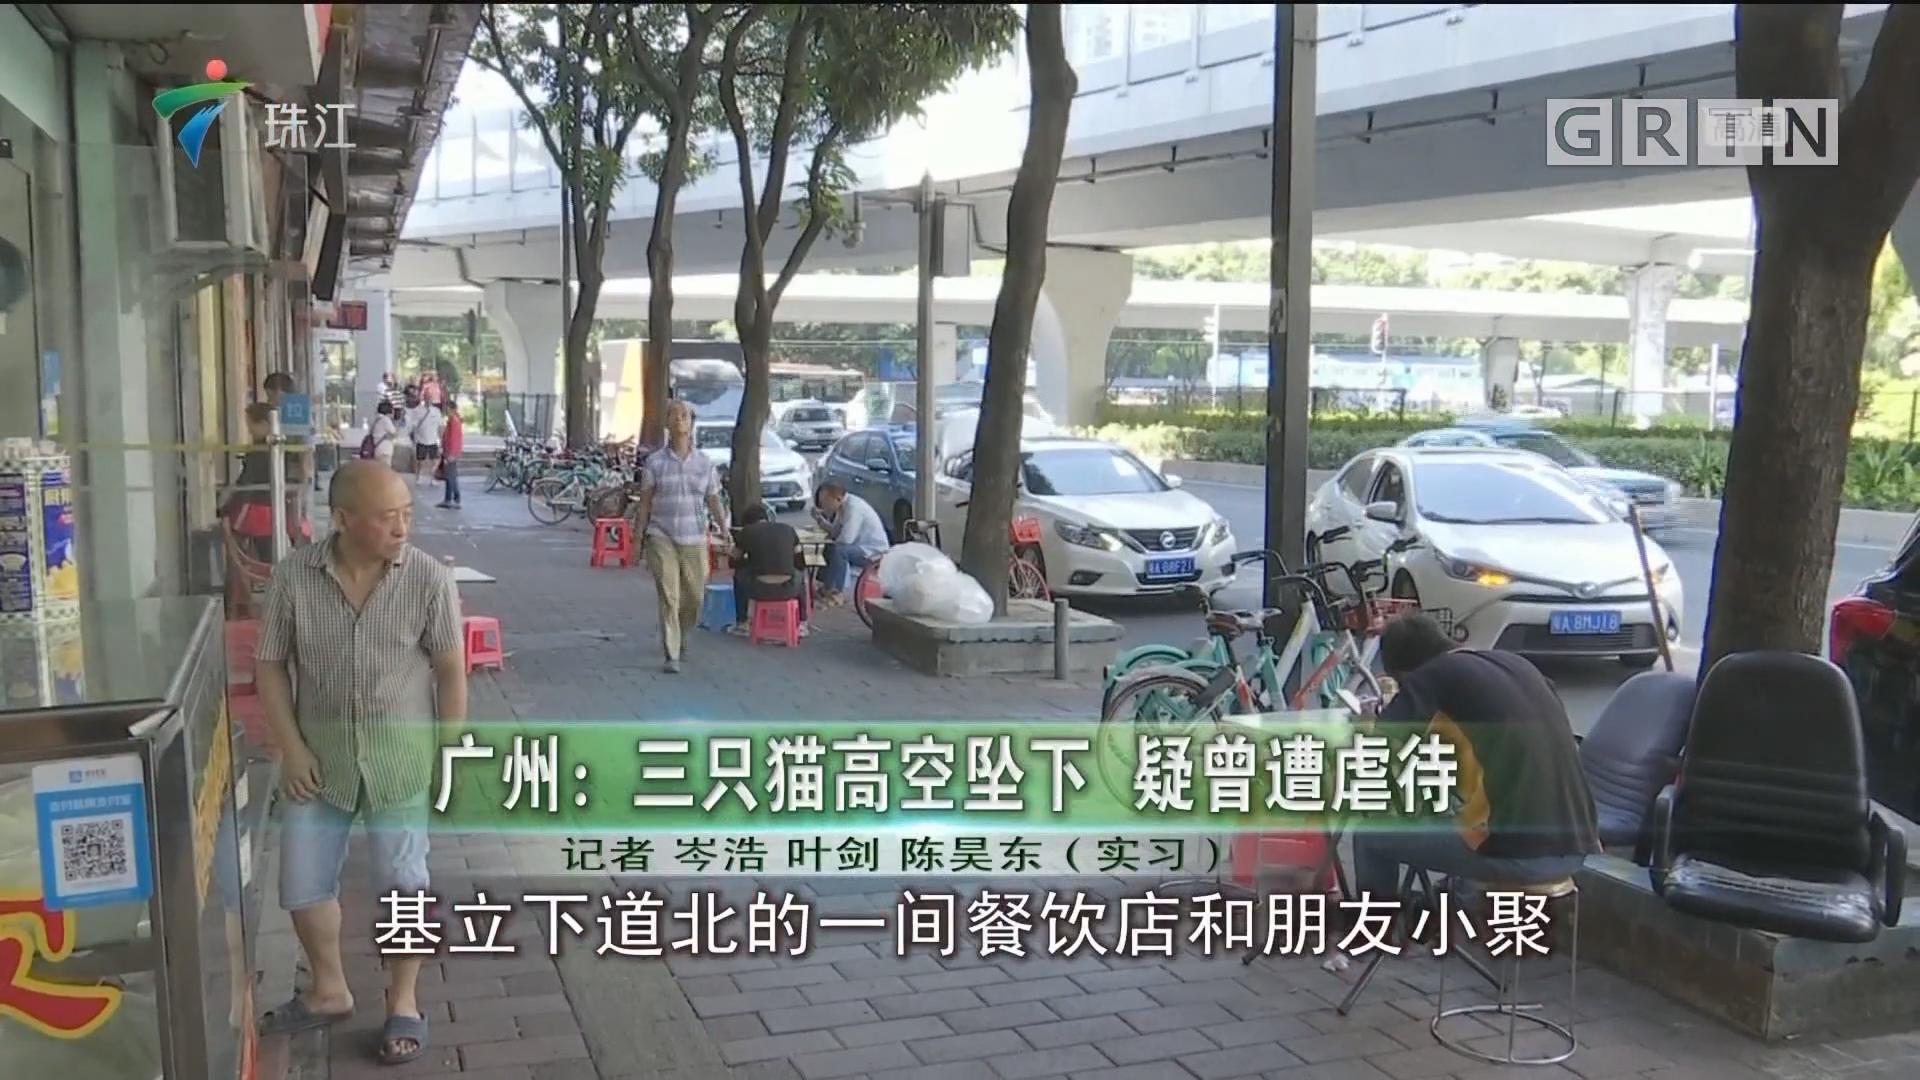 广州:三只猫高空坠下 疑曾遭虐待